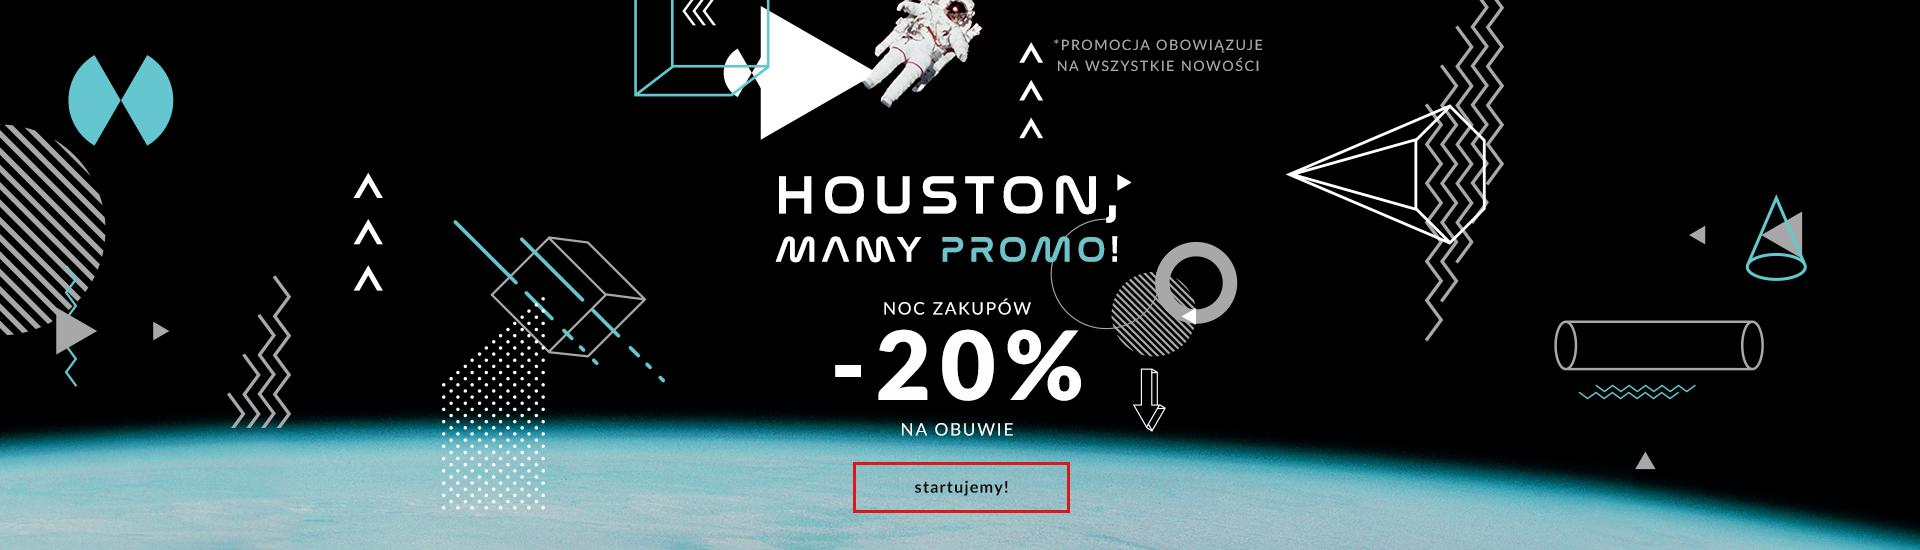 BeJeans: Noc Zakupów 20% rabatu na obuwie                         title=